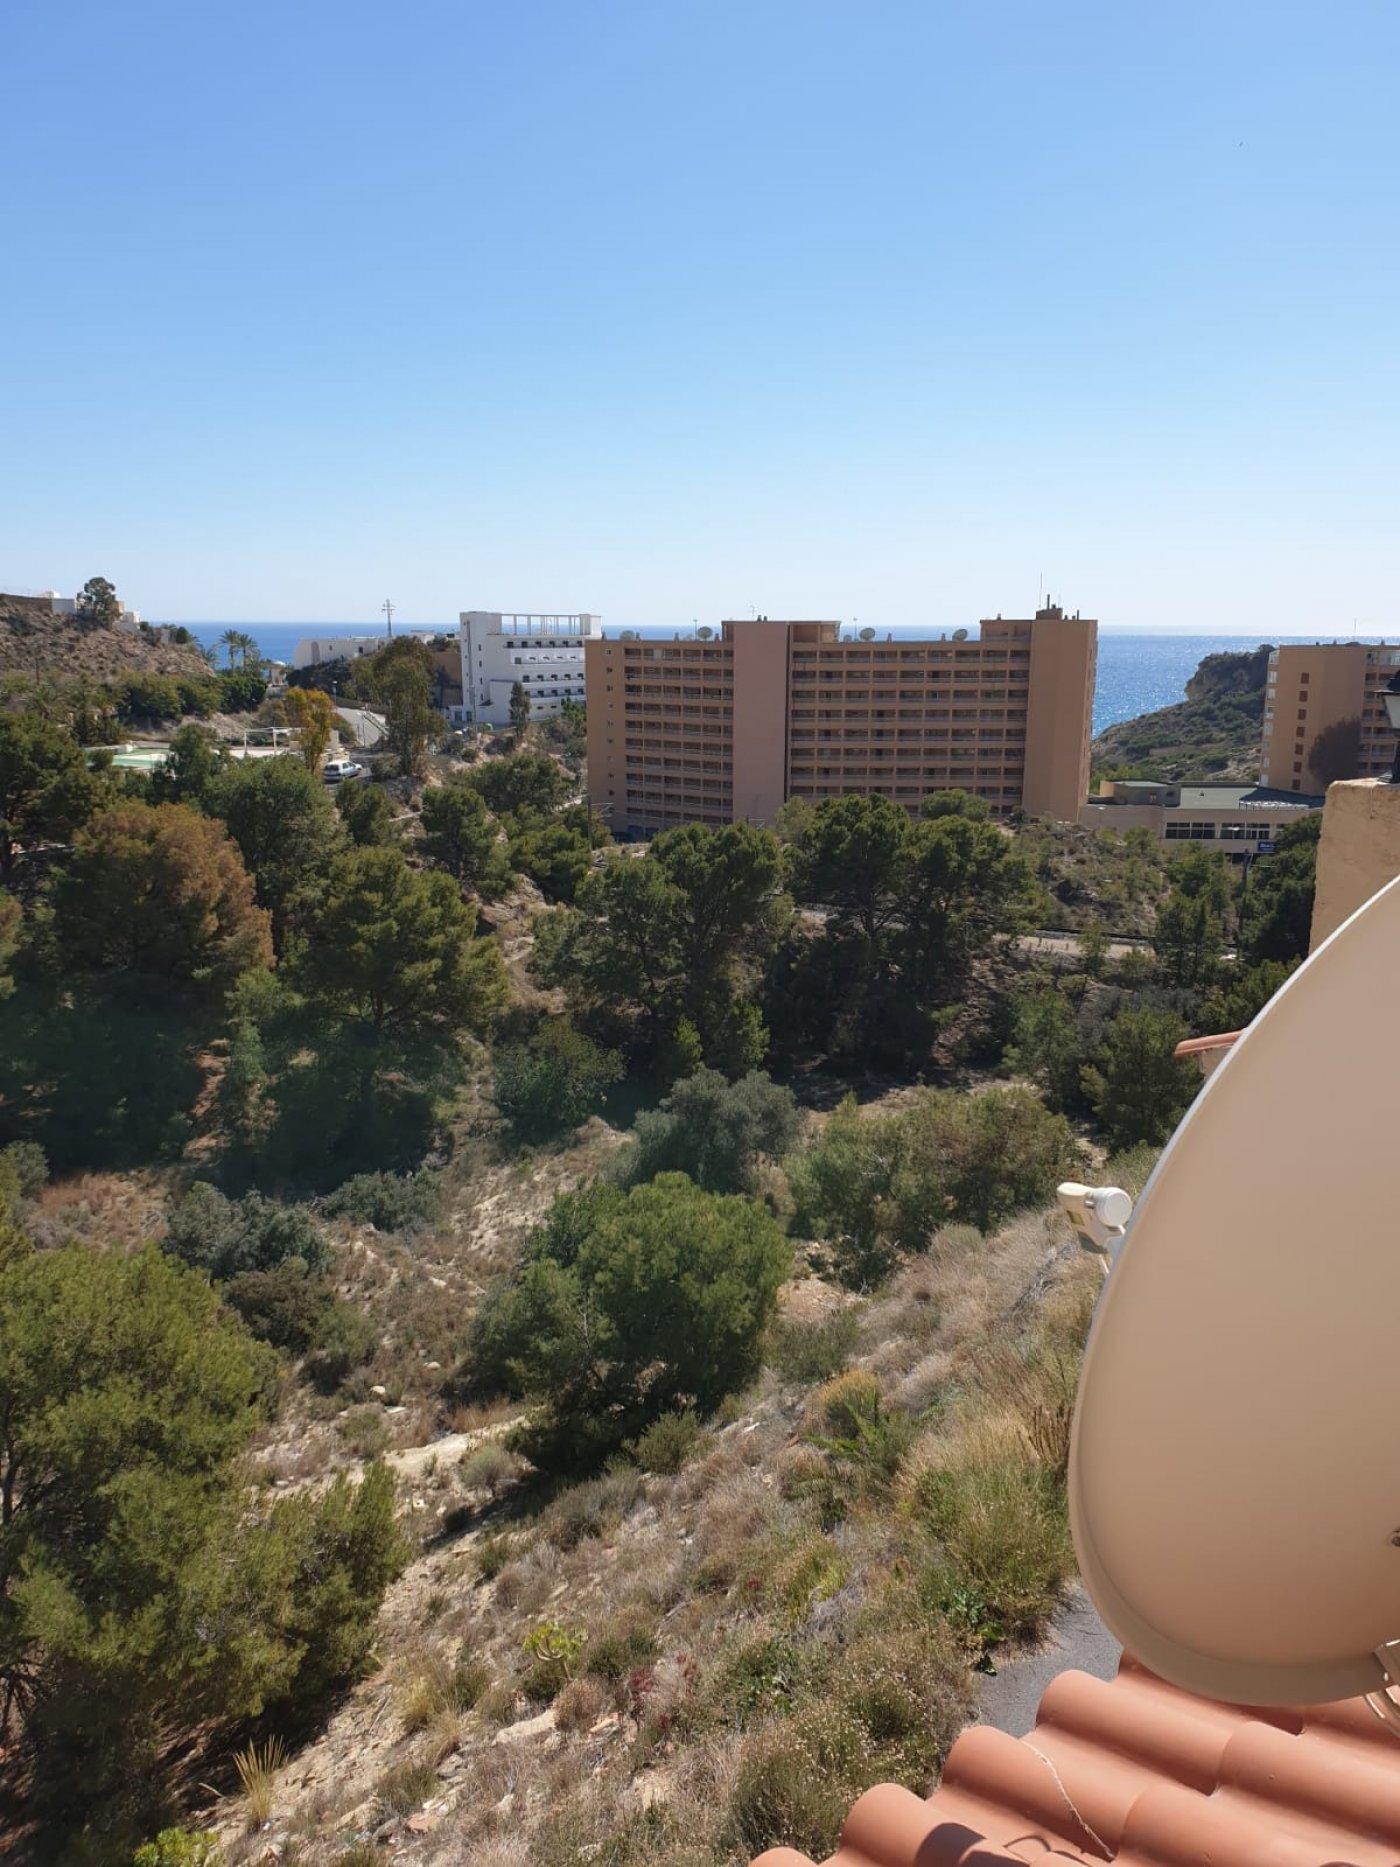 Location Appartement  Villajoyosa ,montiboli. Alquiler para todo el año piso de 2 dormitorios-villajoyosa-mont